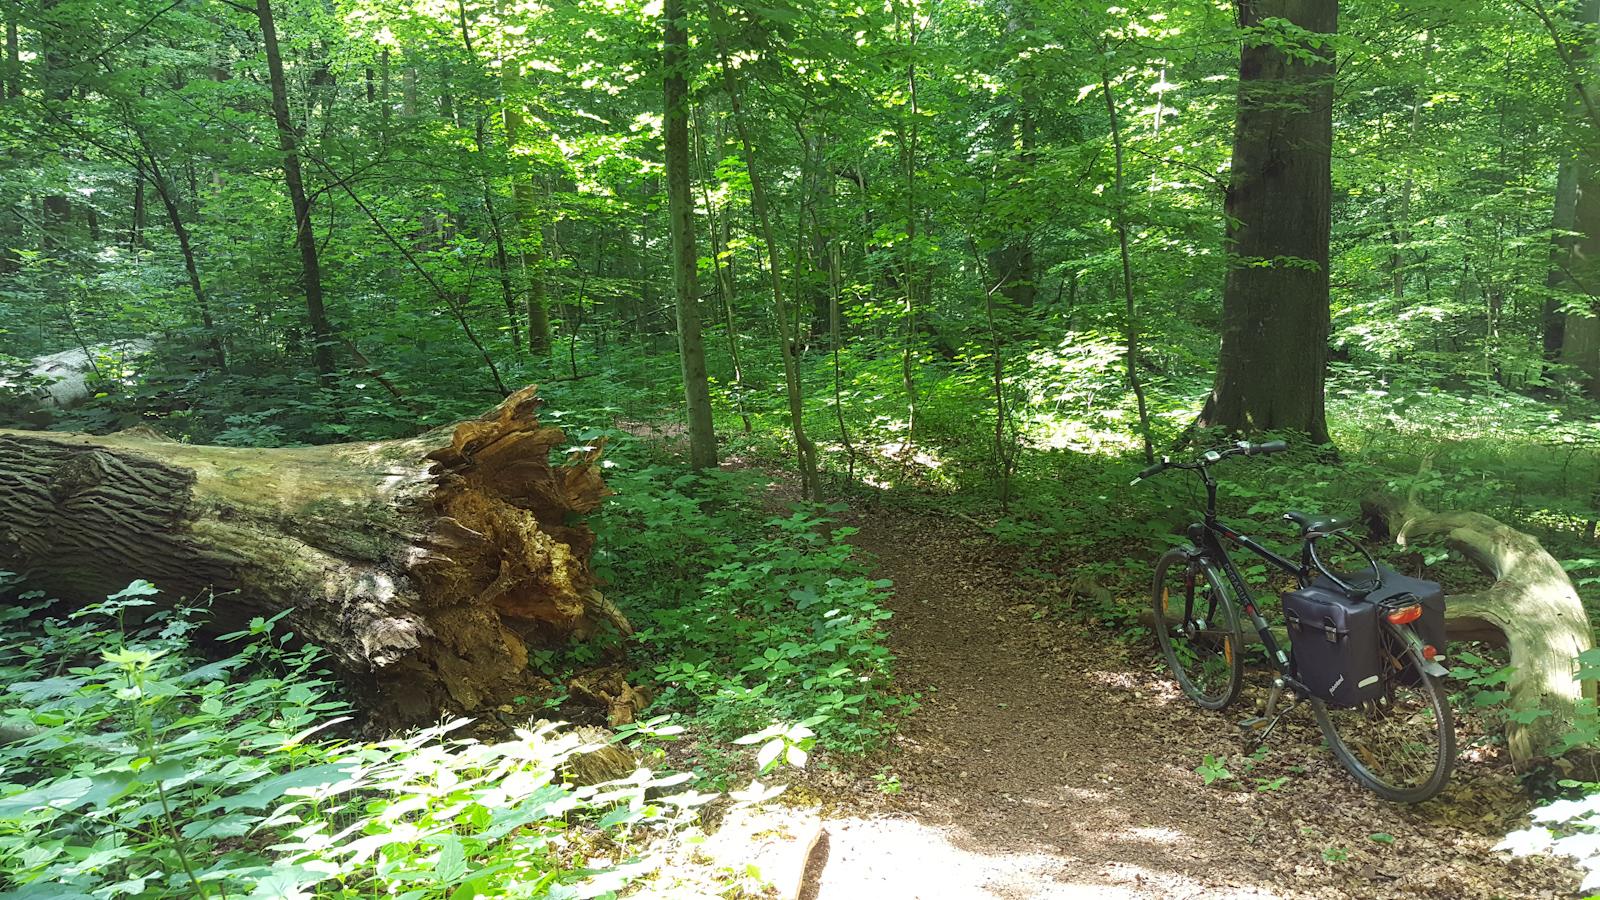 Erholung im Wald - Elisenhain in Greifswald-Eldena